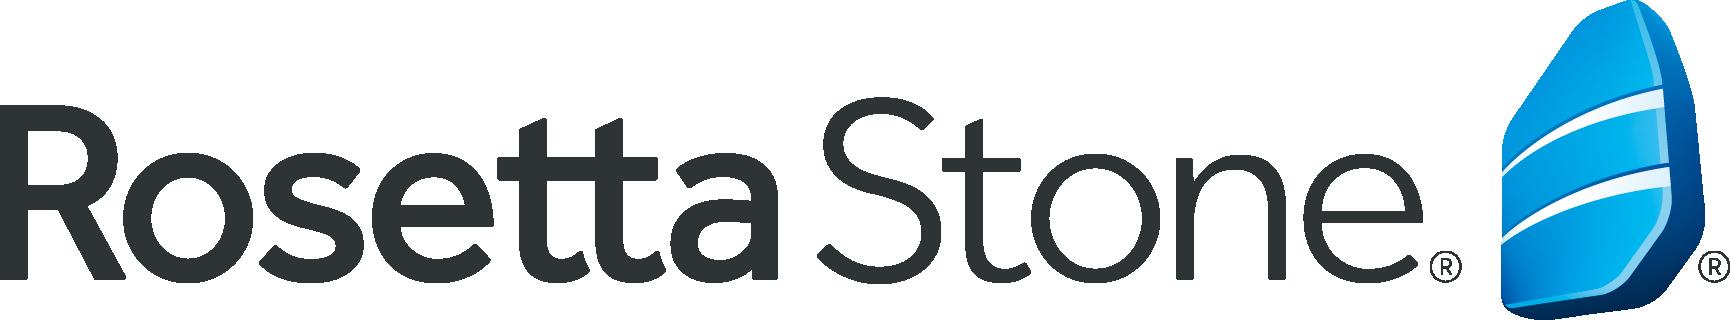 로제타스톤 로고